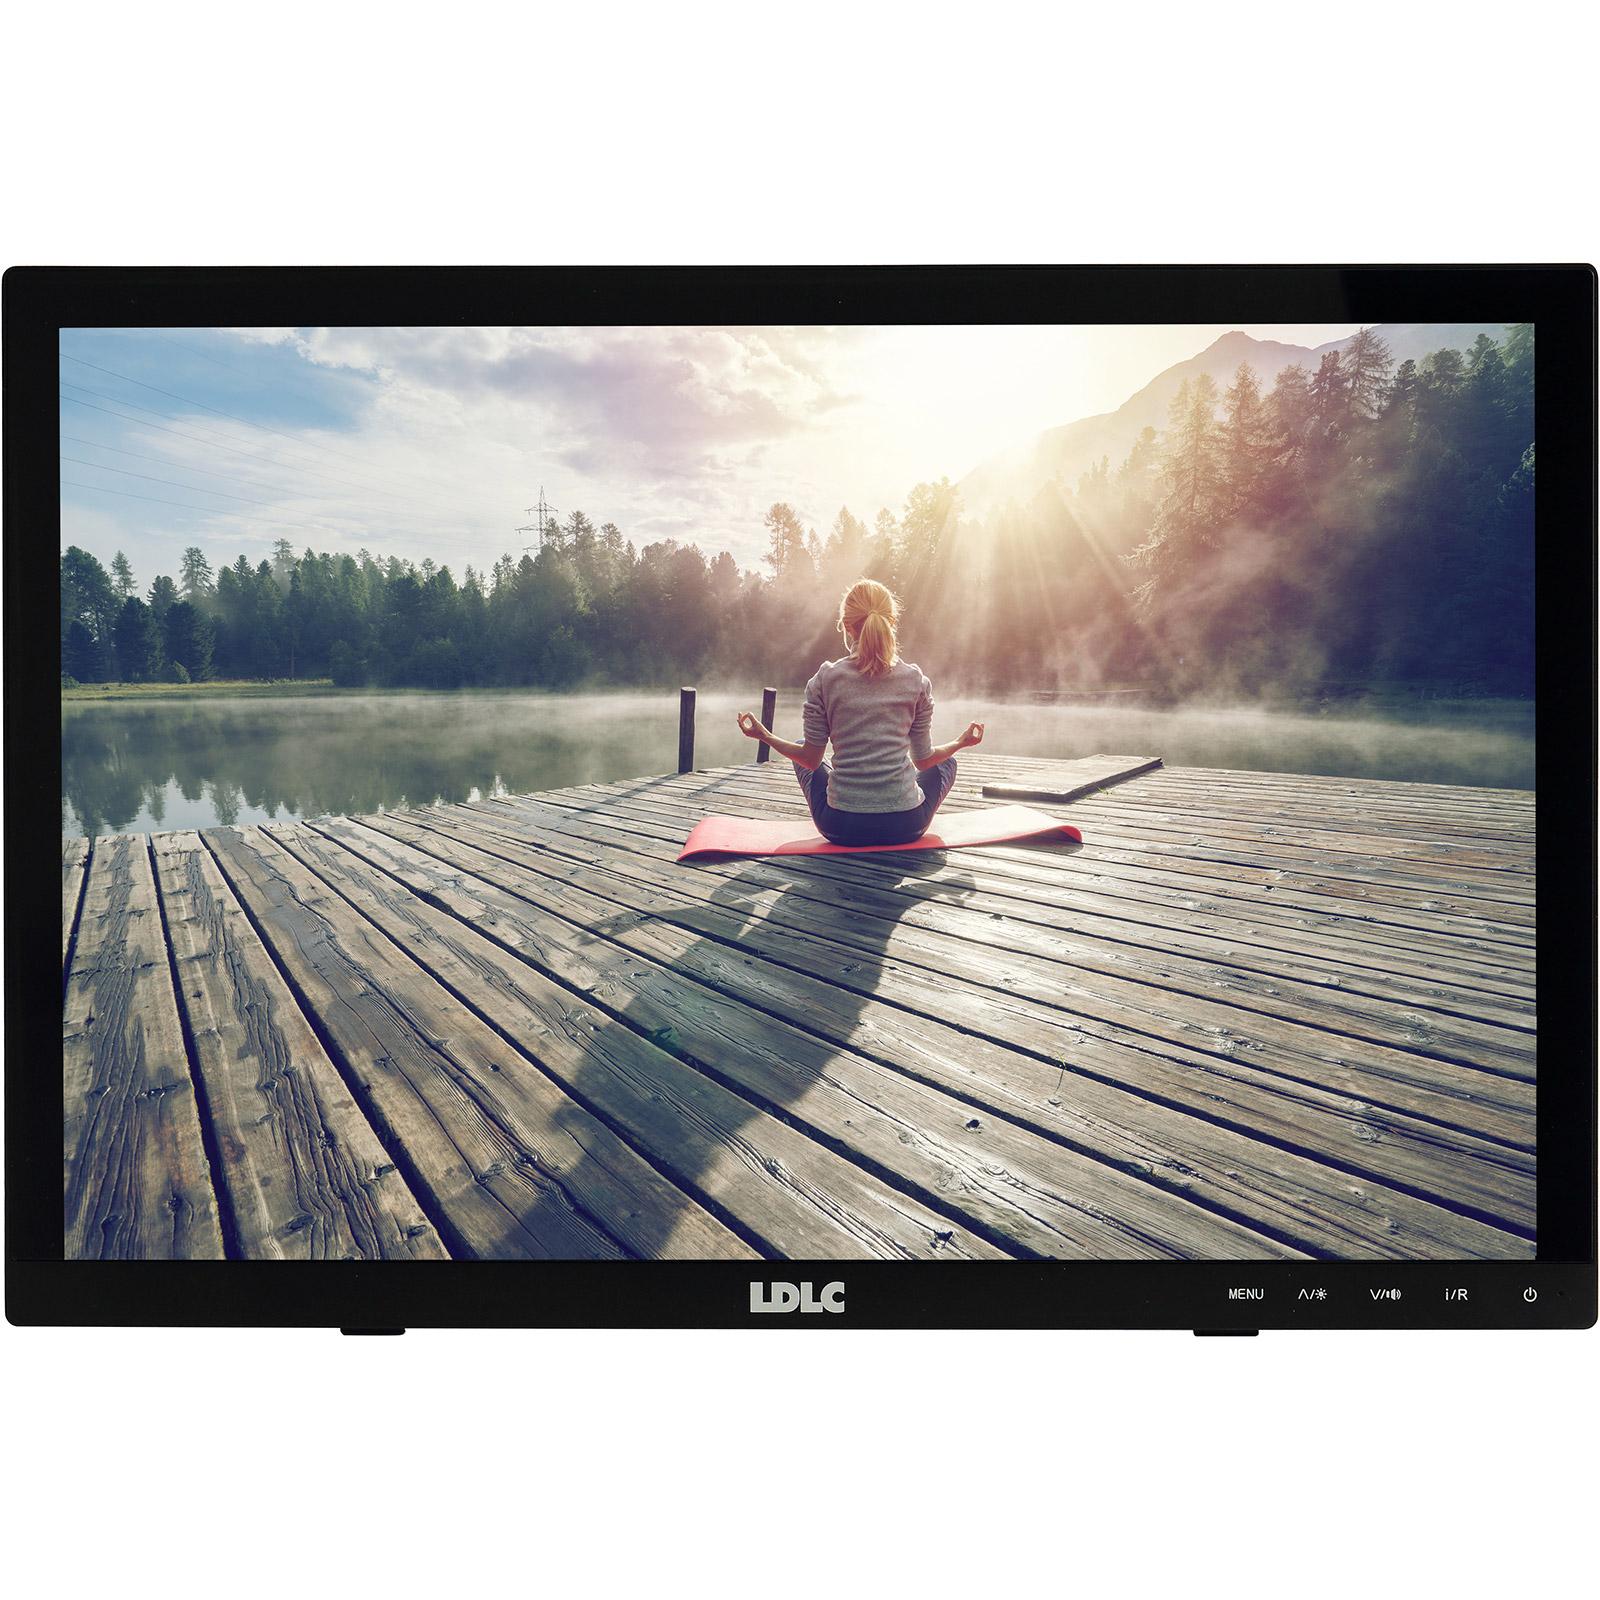 """Ecran PC LDLC 15.6"""" LED Tactile - Pro Touch 15.6 1366 x 768 pixels - Tactile MultiTouch 10 points - 12 ms (gris à gris) - Format 16/9 - Dalle TN - HDMI - Noir"""